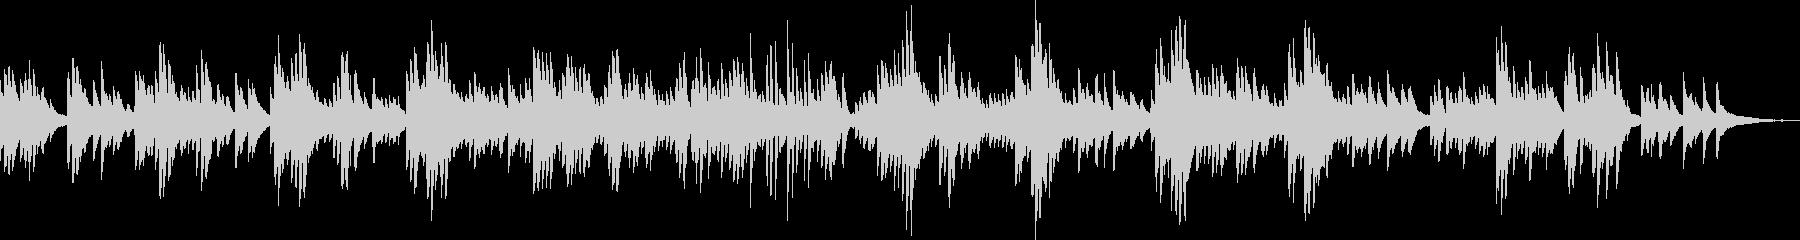 切ないピアノバラード(しっとり・悲しい)の未再生の波形